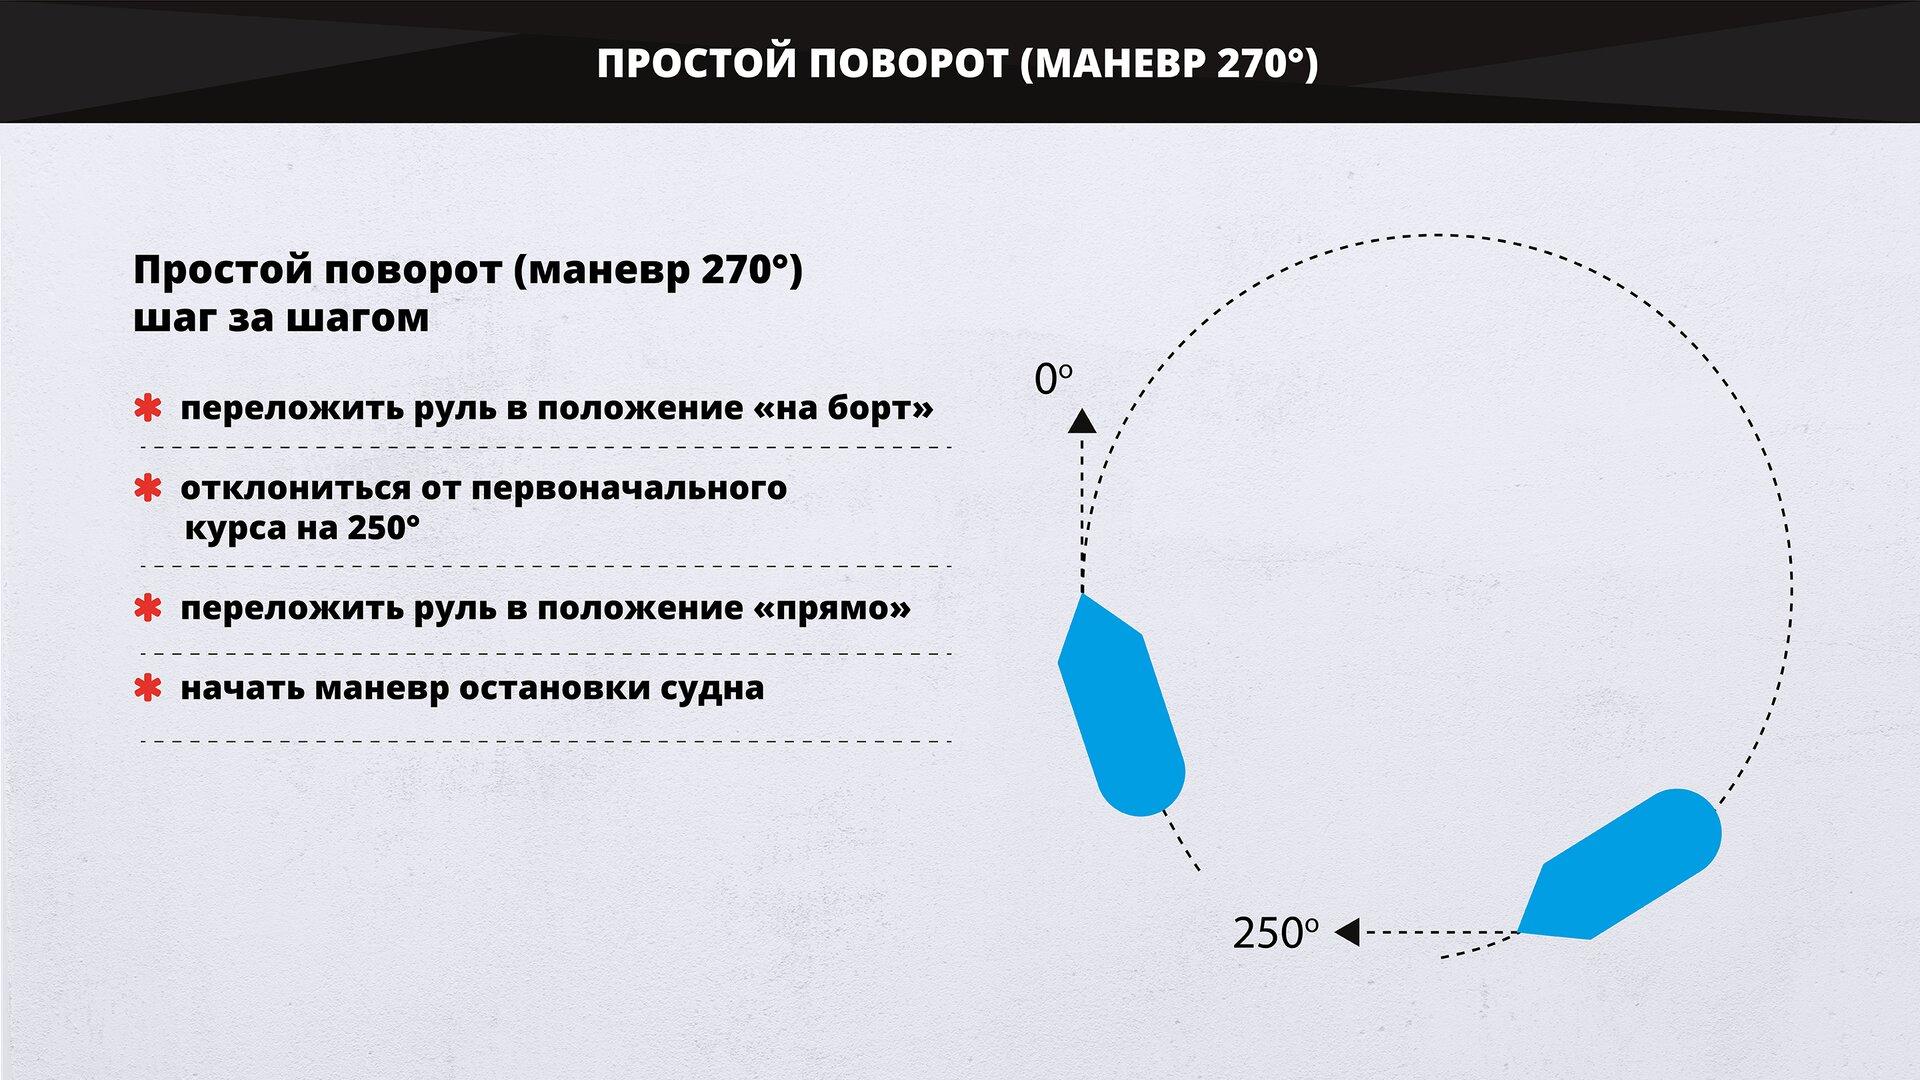 Изображение схематически показывает простой поворот (маневр 270°). Grafika wschematyczny sposób pokazuje zwrot o270°.